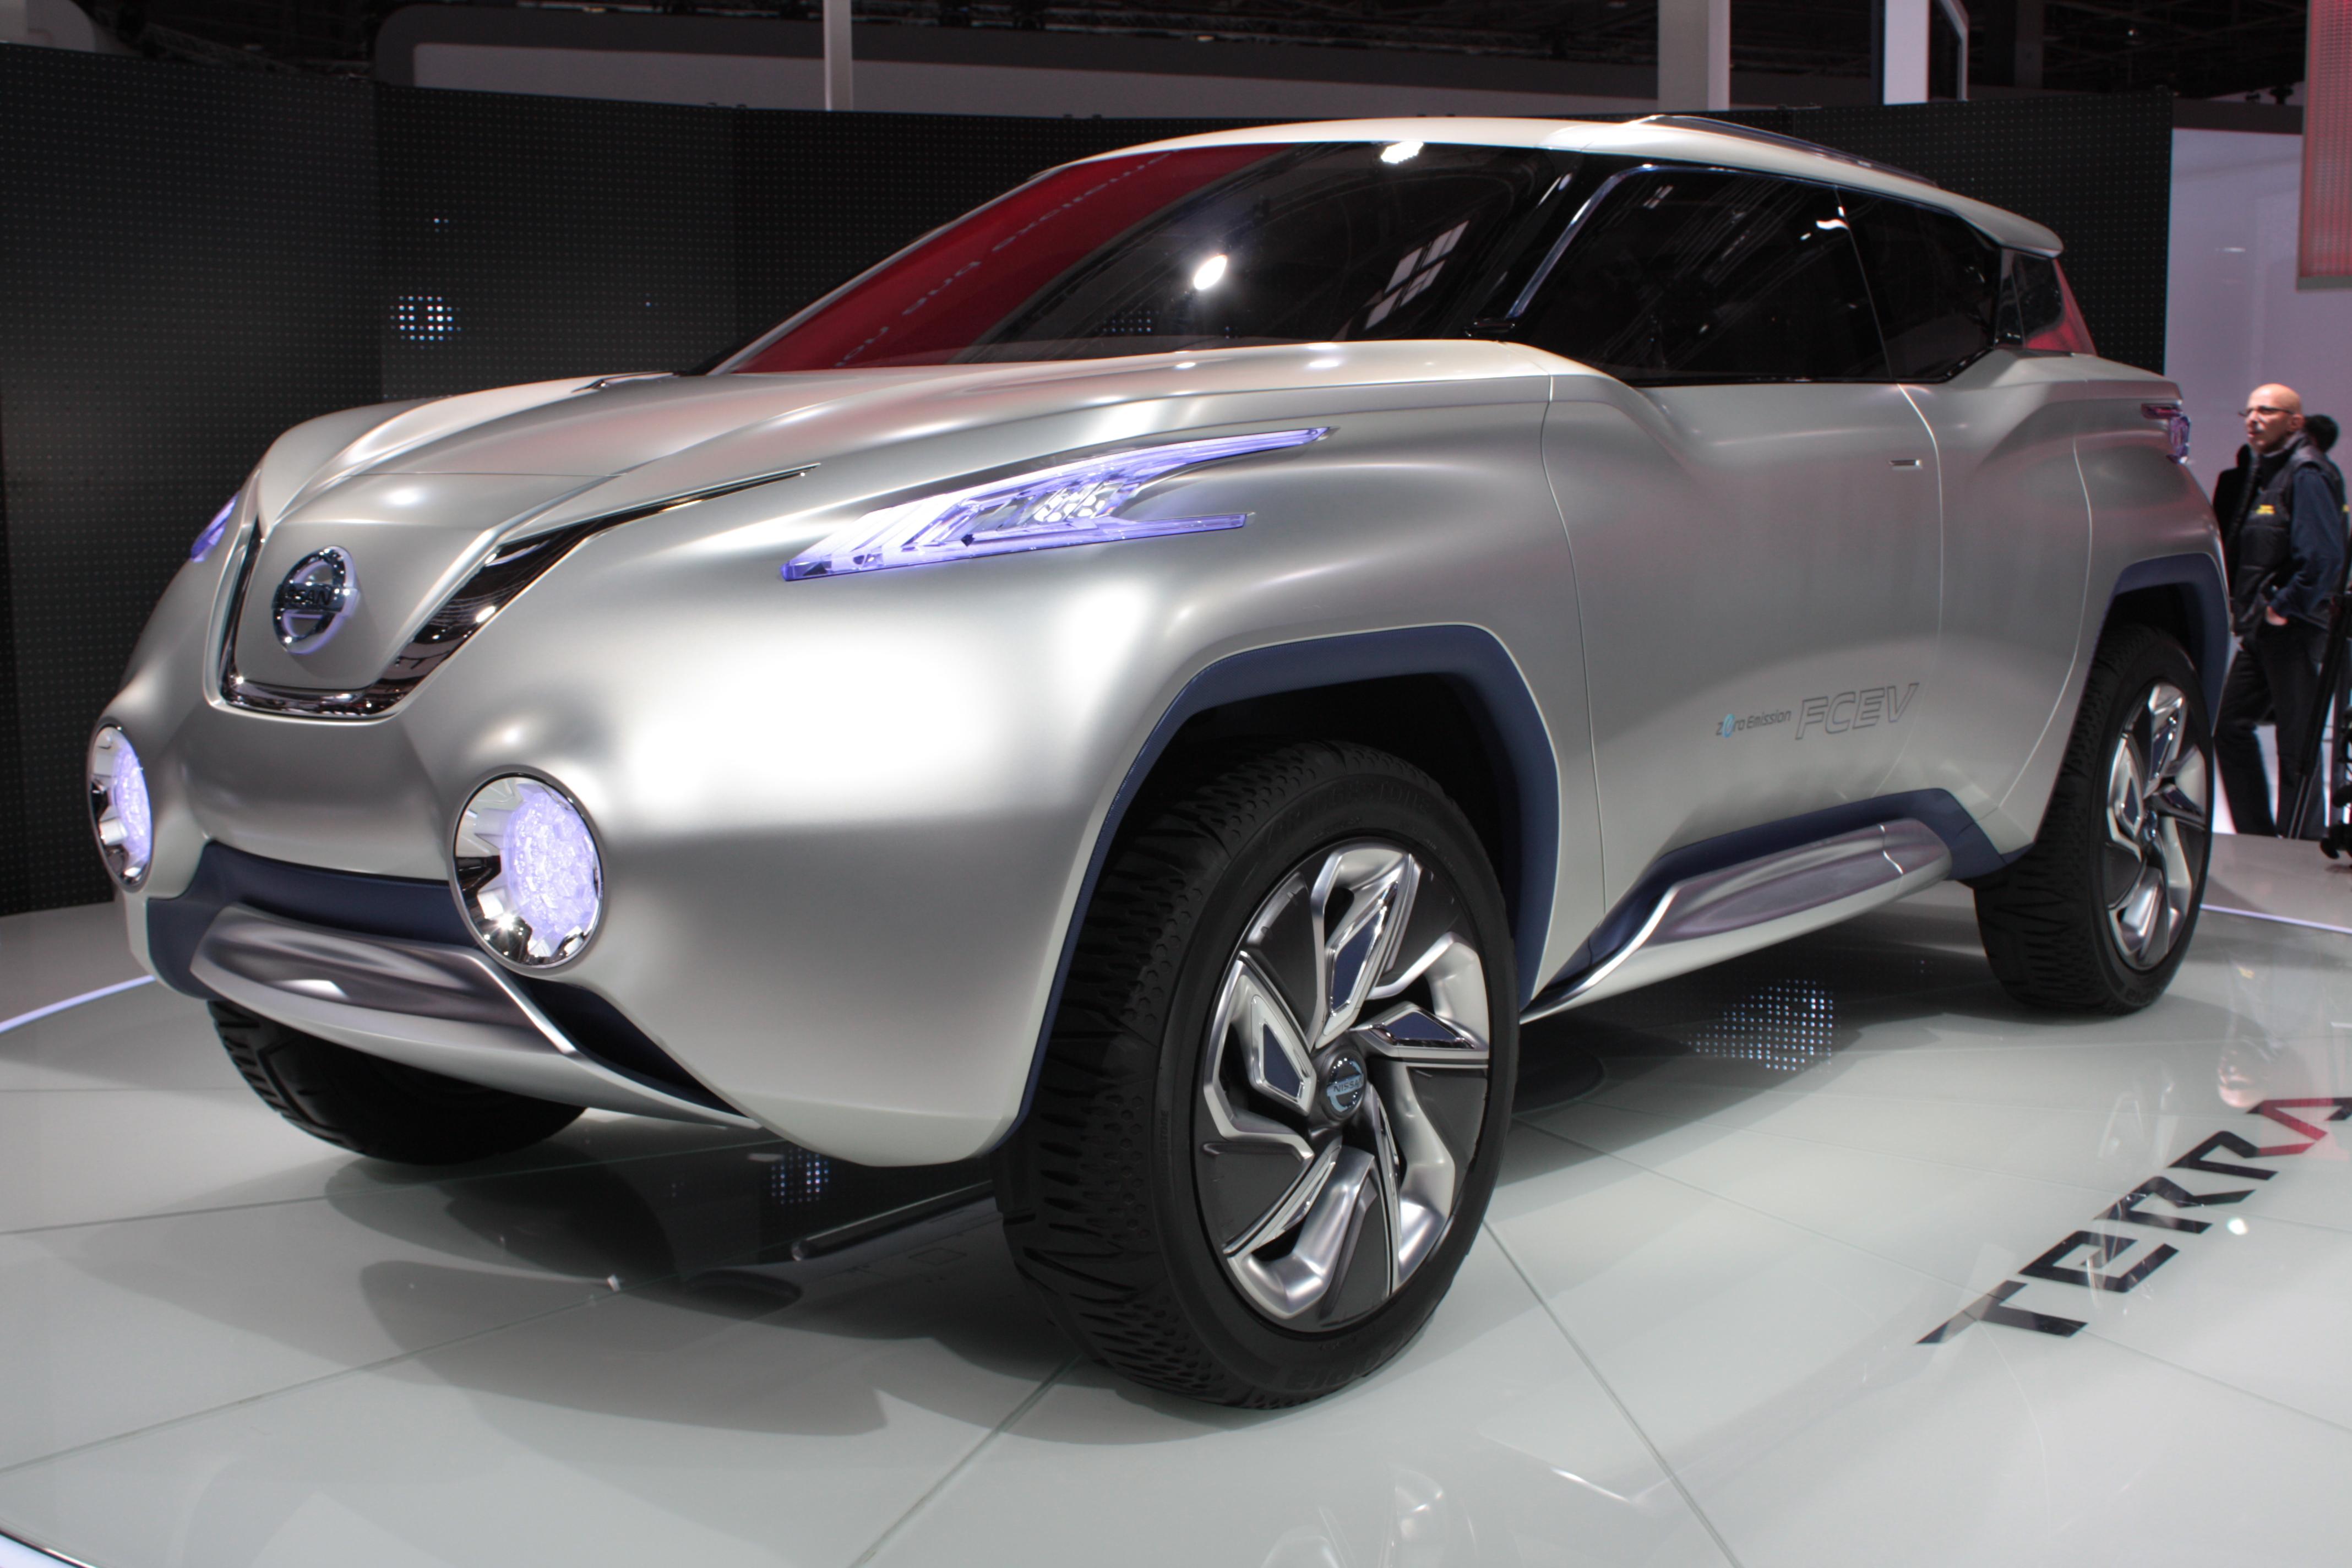 http://images.caradisiac.com/images/1/4/1/7/81417/S0-En-direct-du-Mondial-2012-Nissan-Terra-Concept-vision-d-avenir-273563.jpg